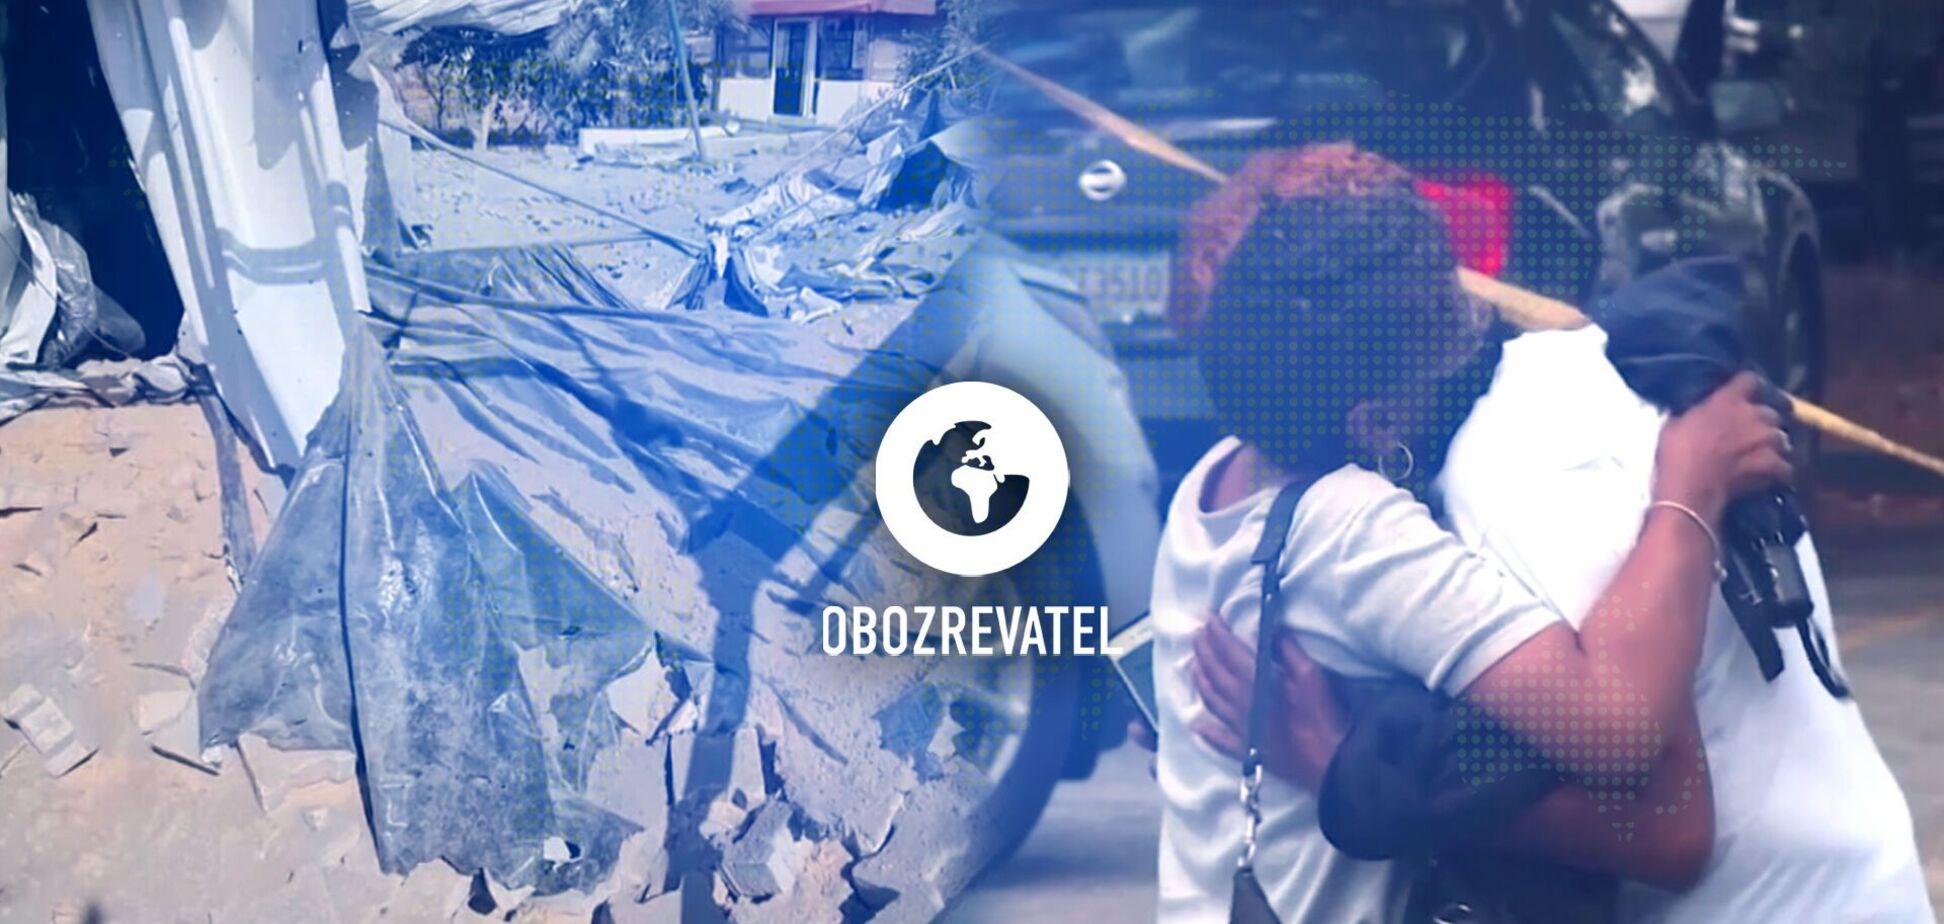 Израиль и сектор Газа, убийство в магазине и победа учителя на президентских выборах – дайджест международных событий